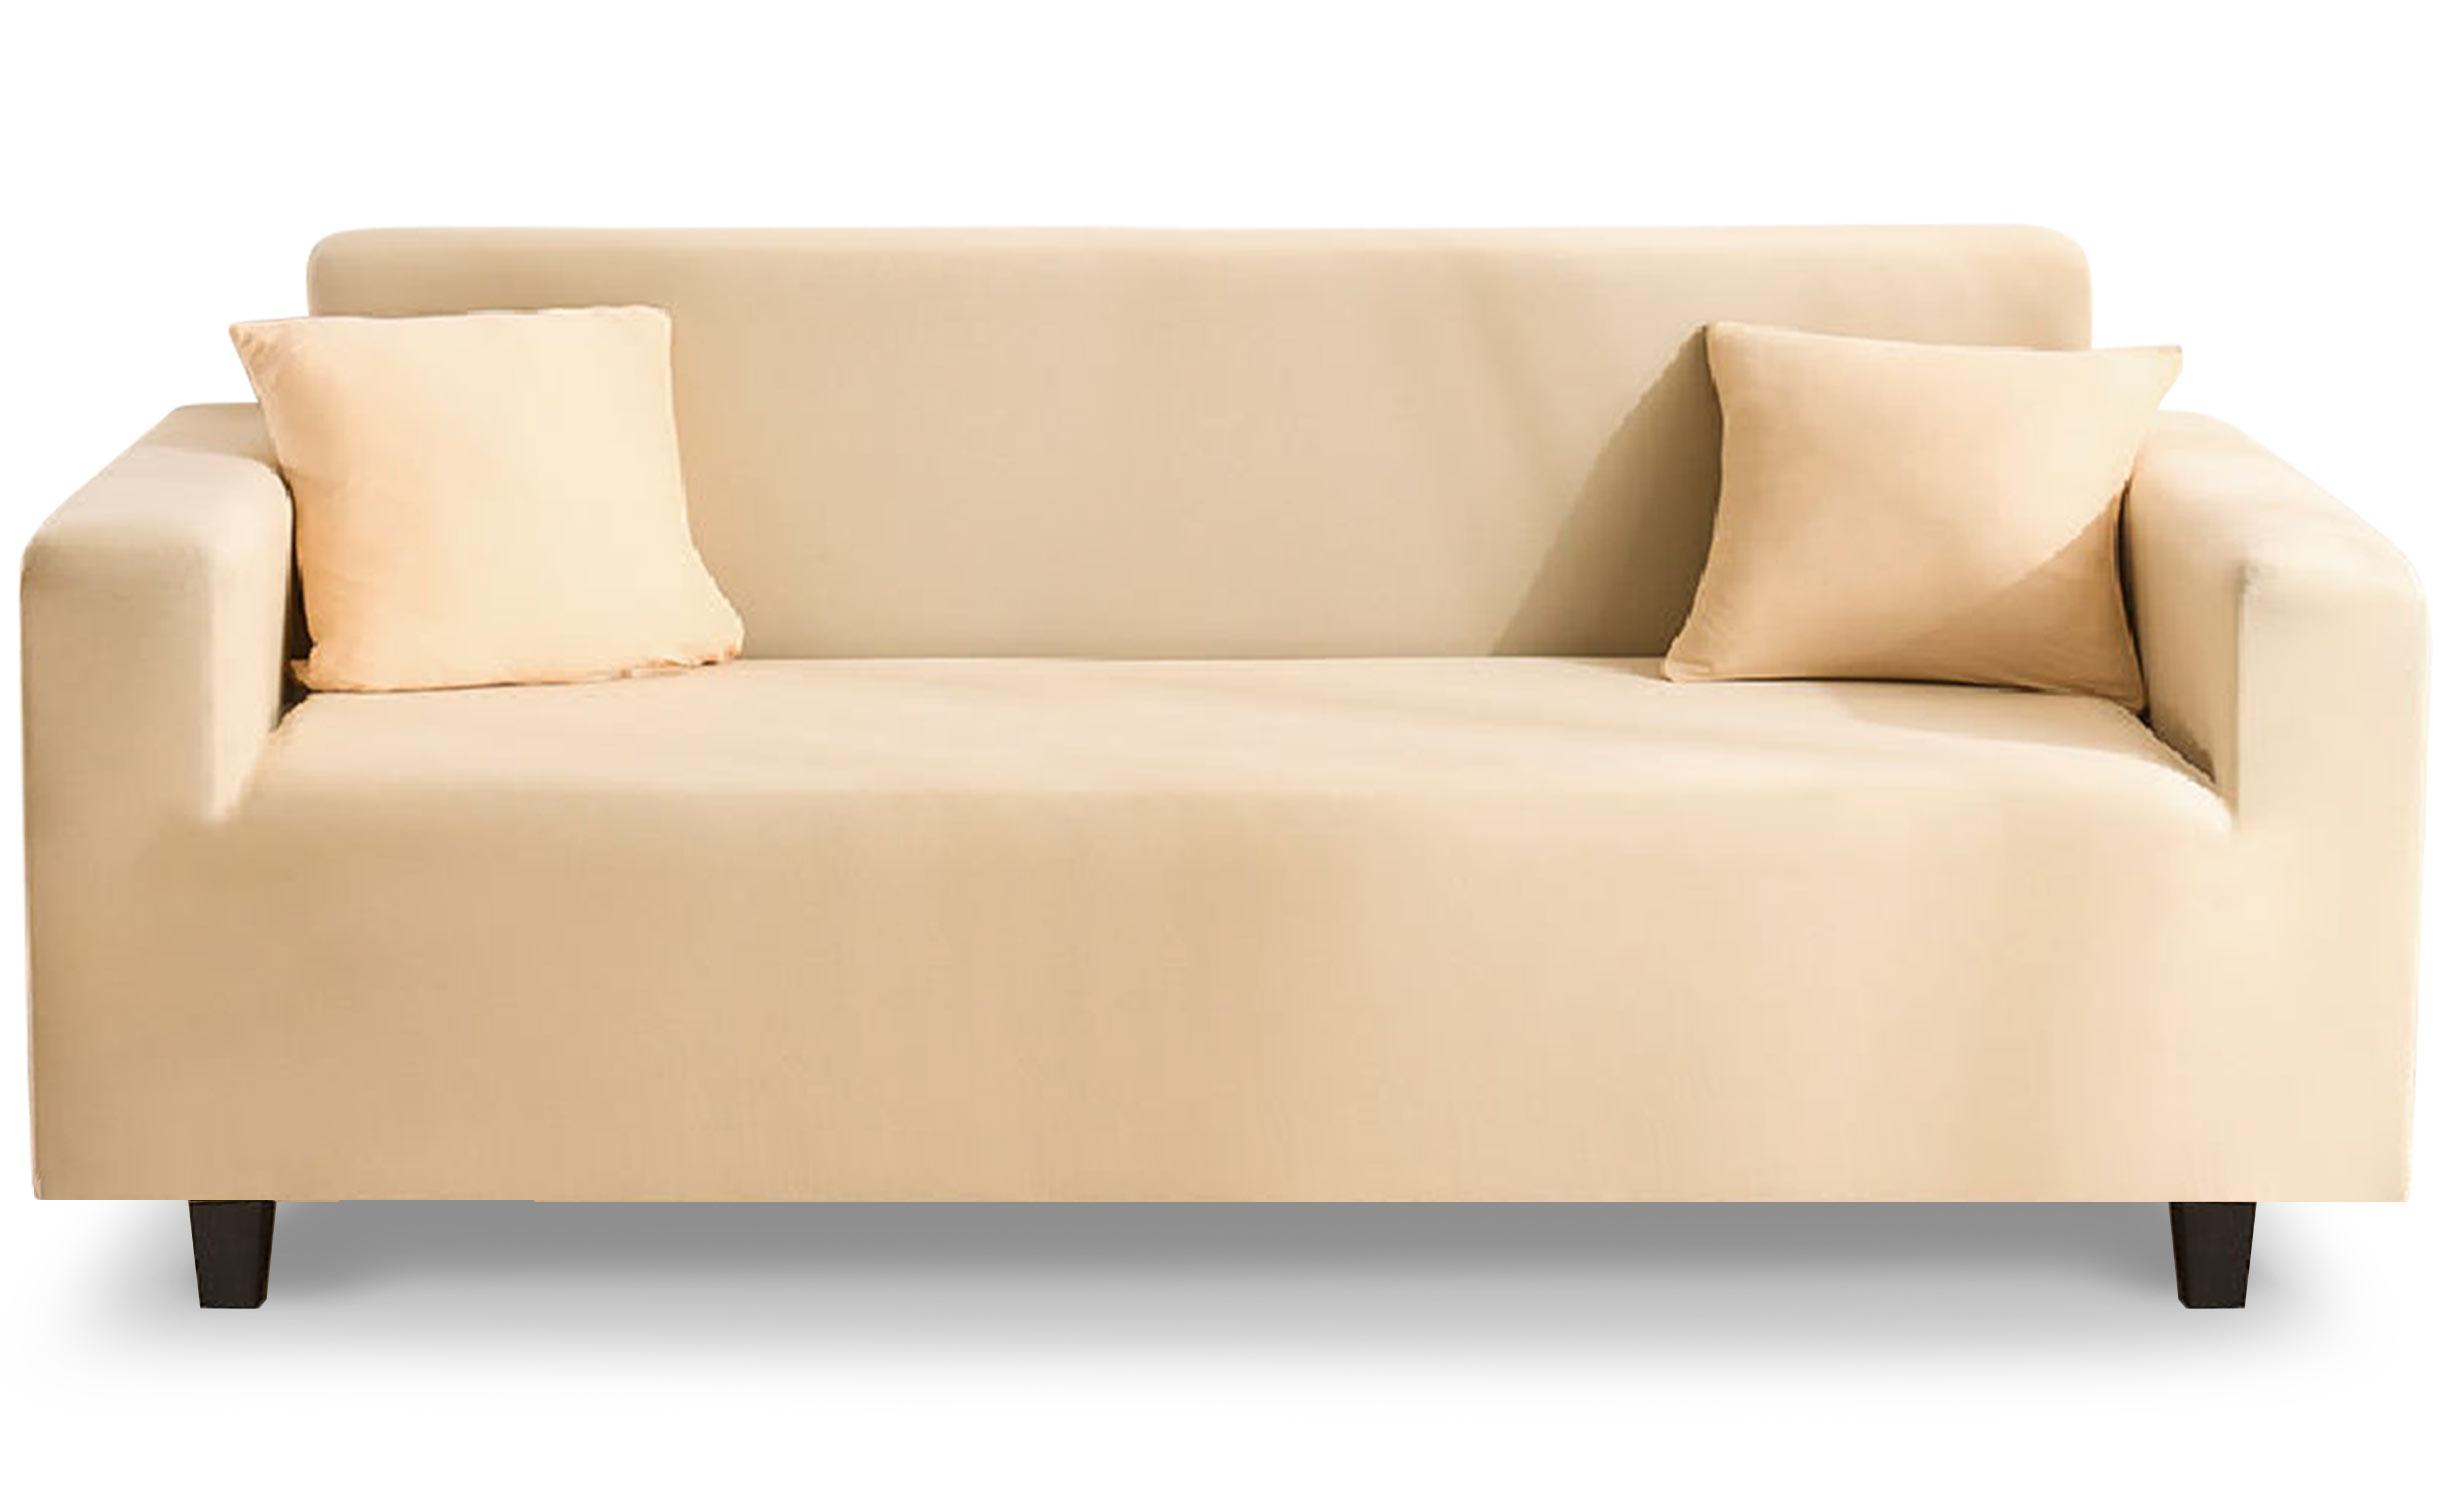 Housse de fauteuil extensible Decoprotect 3 places Ivoire